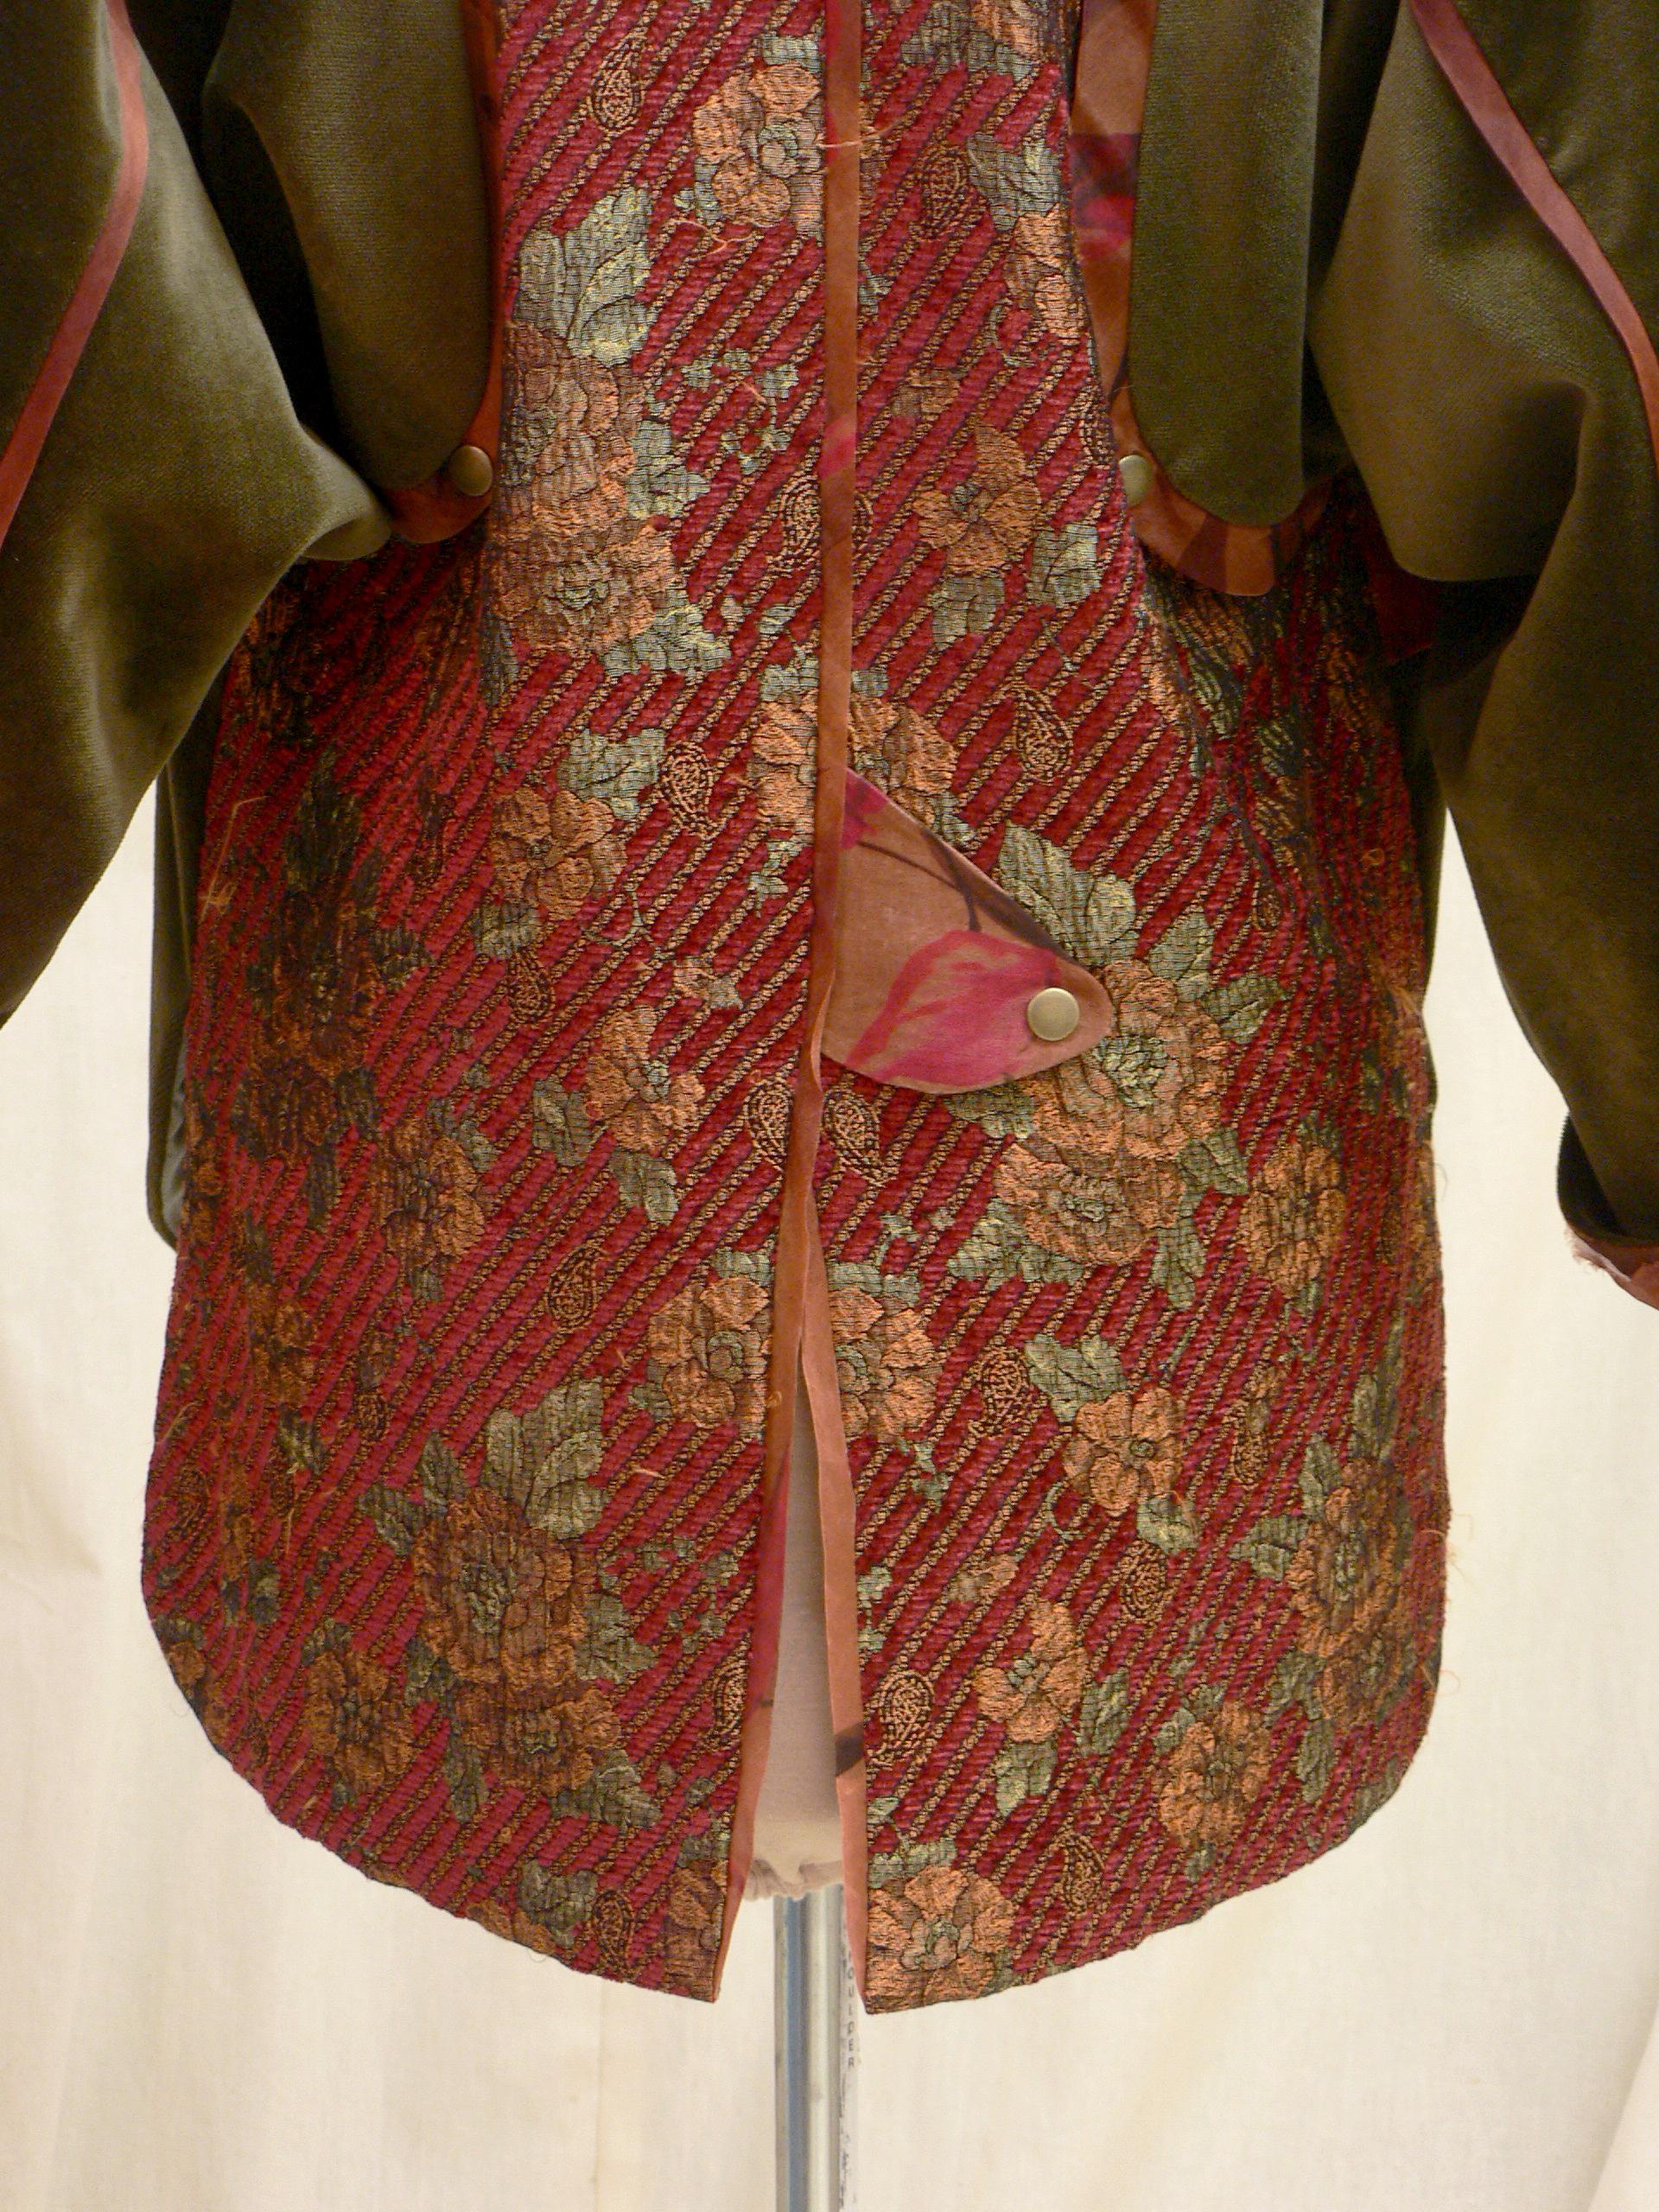 jacket06_back_detail2.jpg